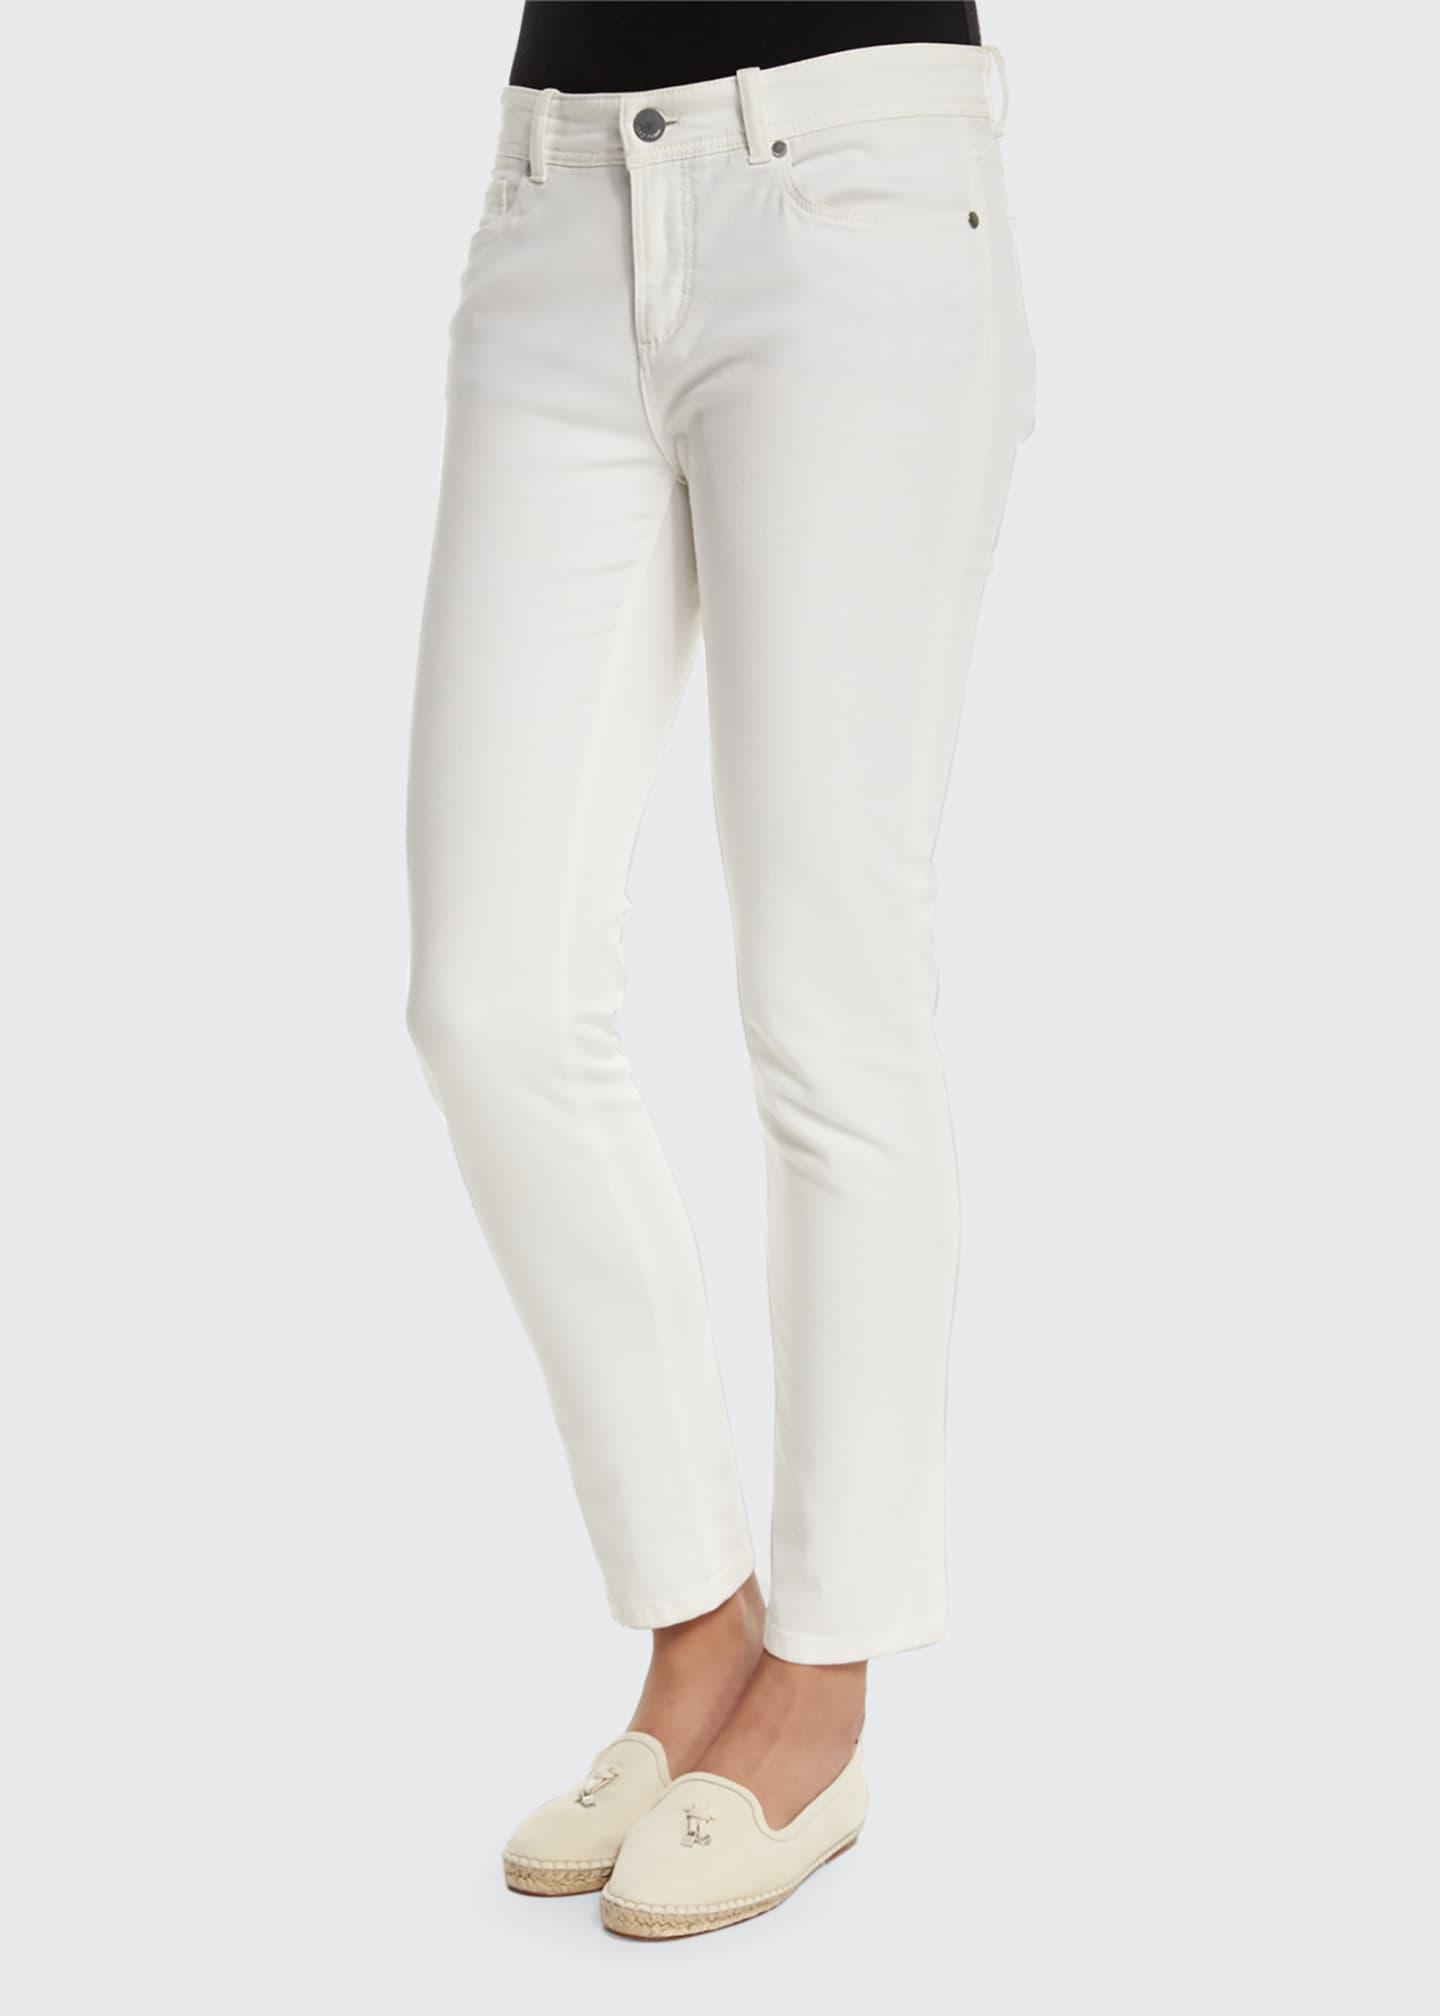 Loro Piana Mathias Slim-Leg Ankle Jeans